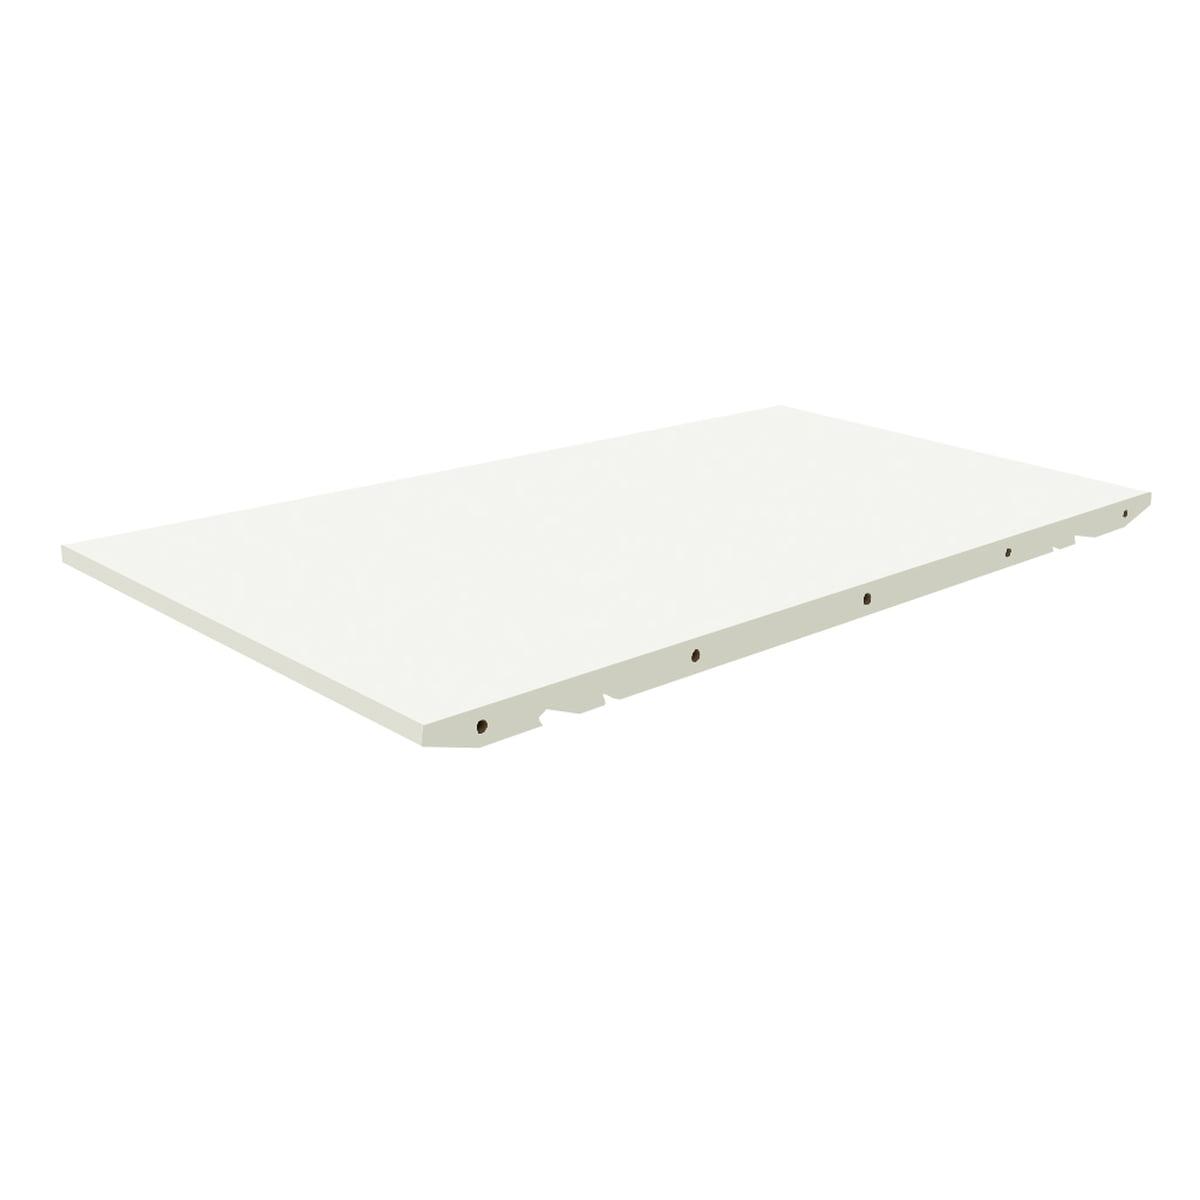 Andersen Furniture - Einlegeplatte für T7 Ausziehtisch, Laminat weiß   Baumarkt > Bodenbeläge > Laminat   Weiß   Andersen Furniture